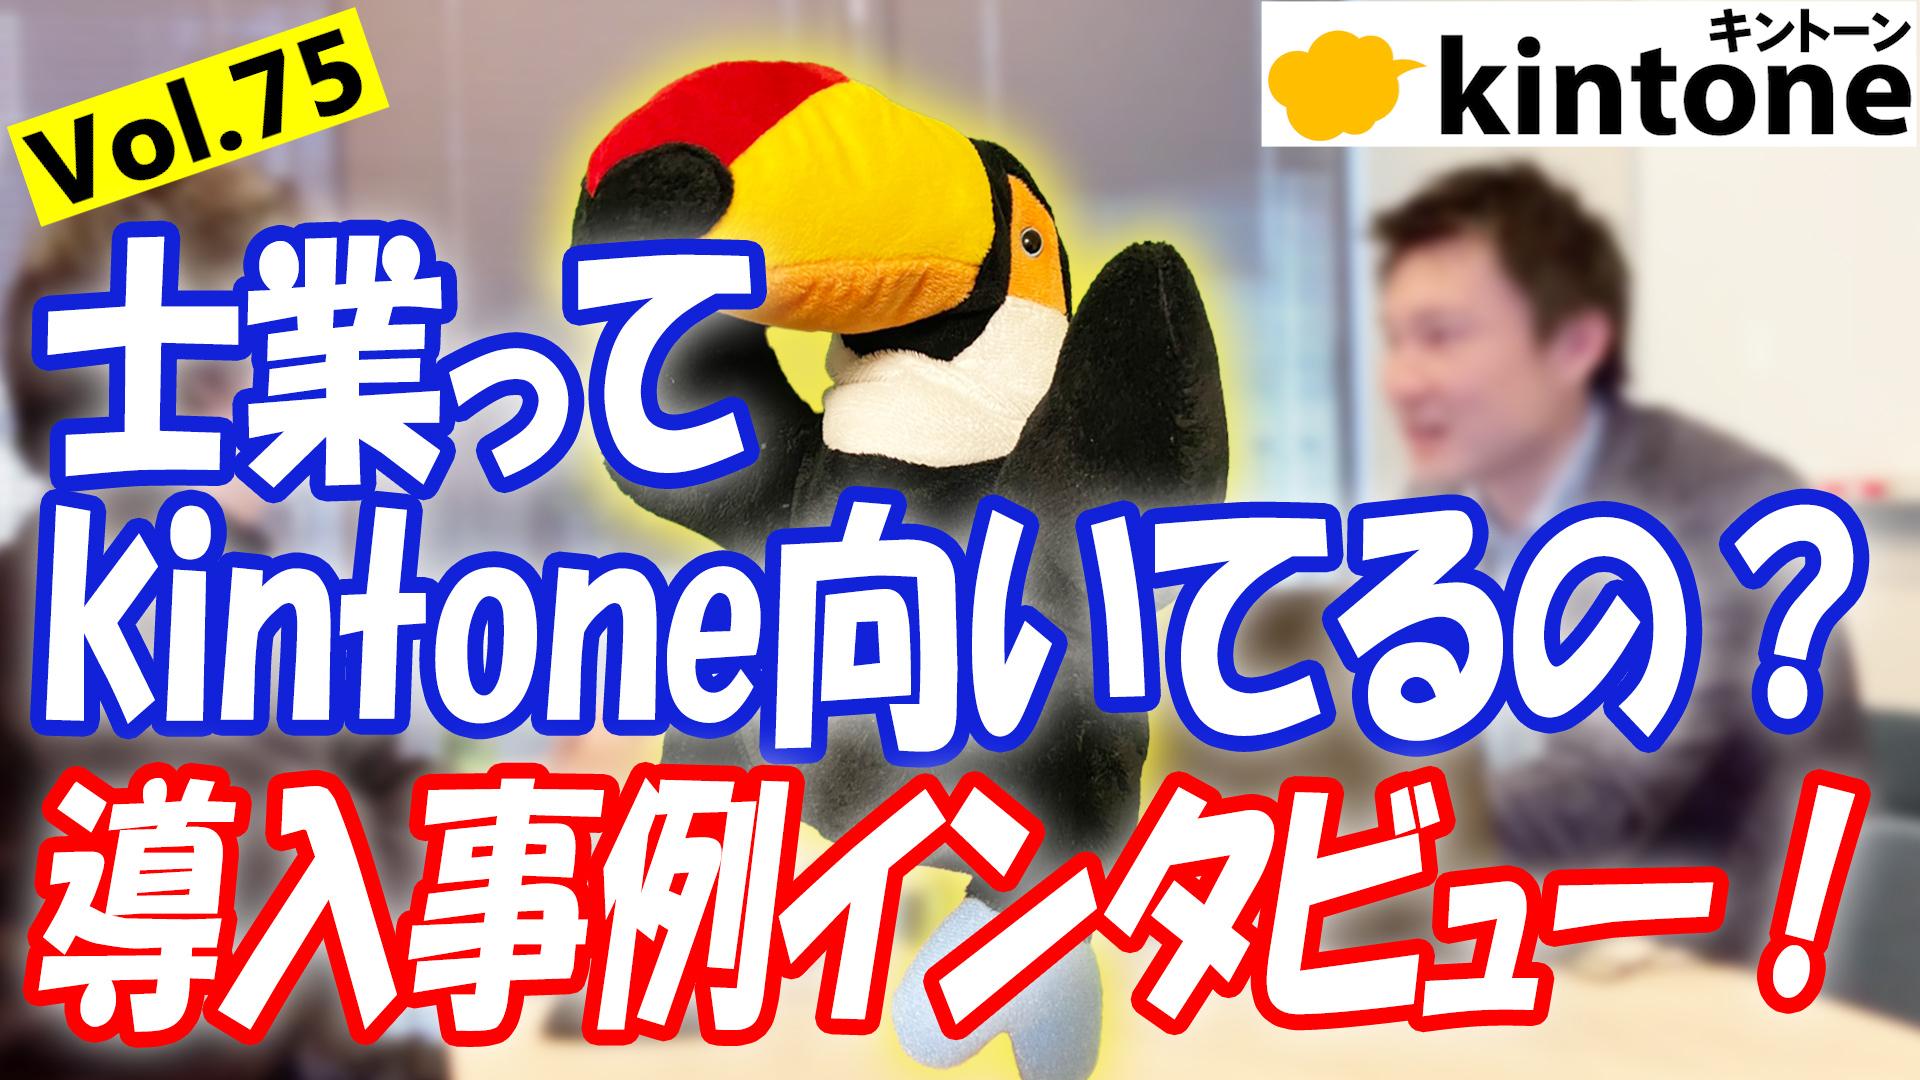 【士業】kintone構築をプロに依頼した理由と成果について聞いてみた【動画】